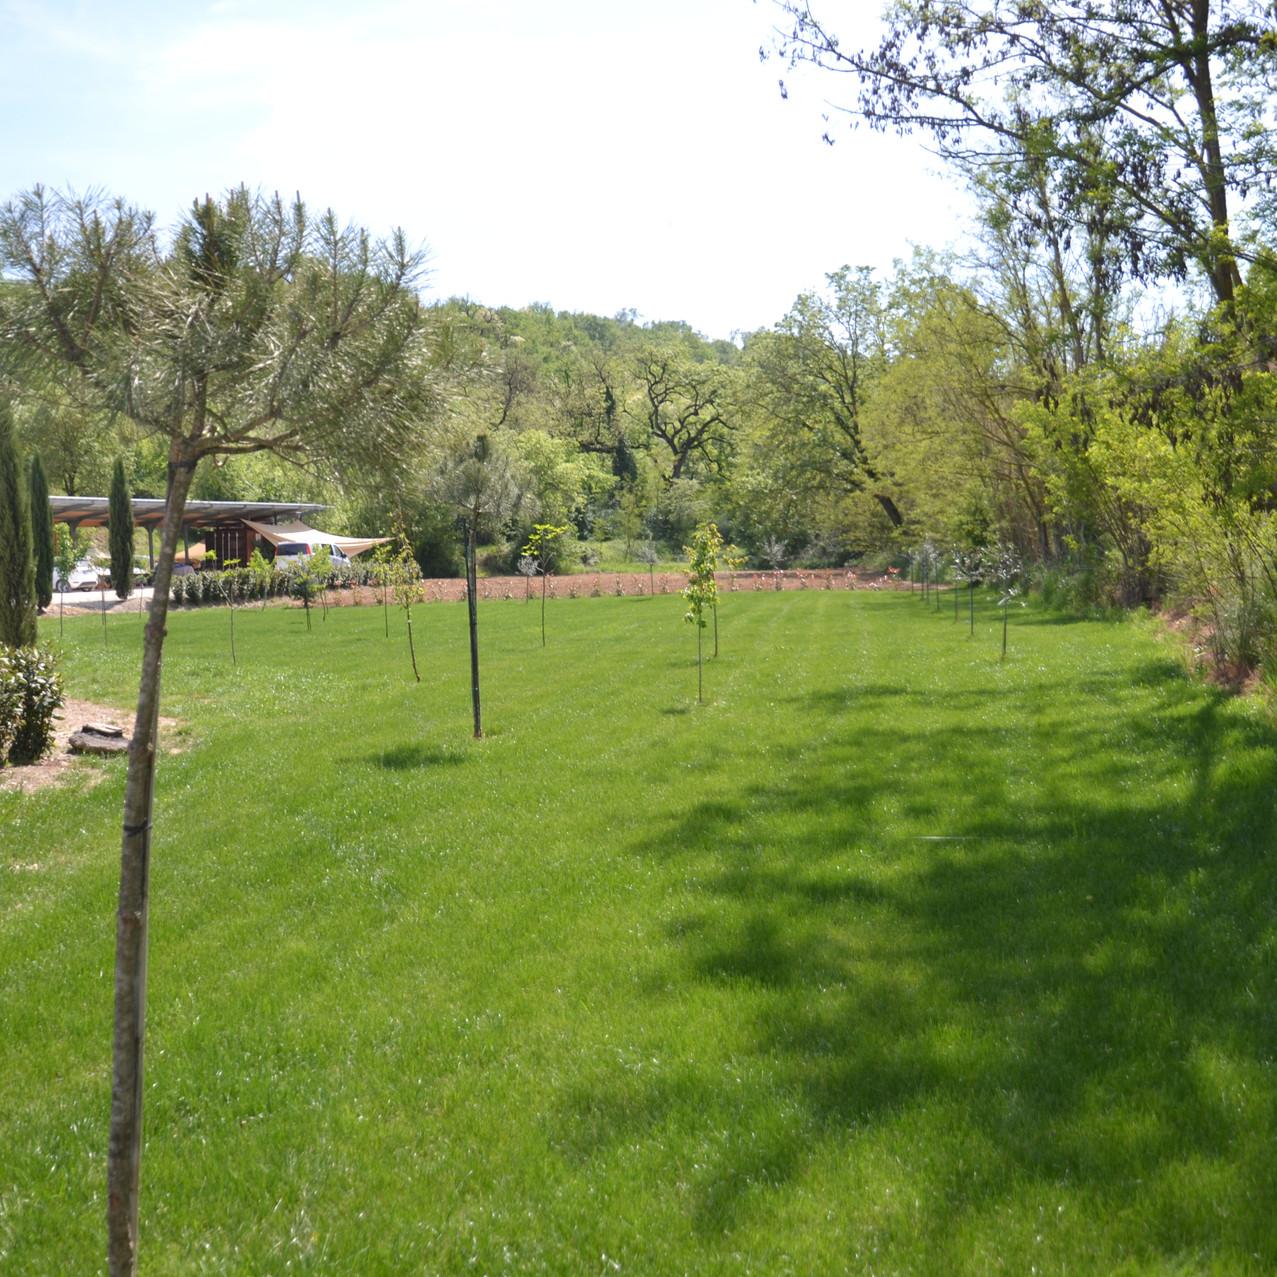 Casa Nestore Grounds & Garden